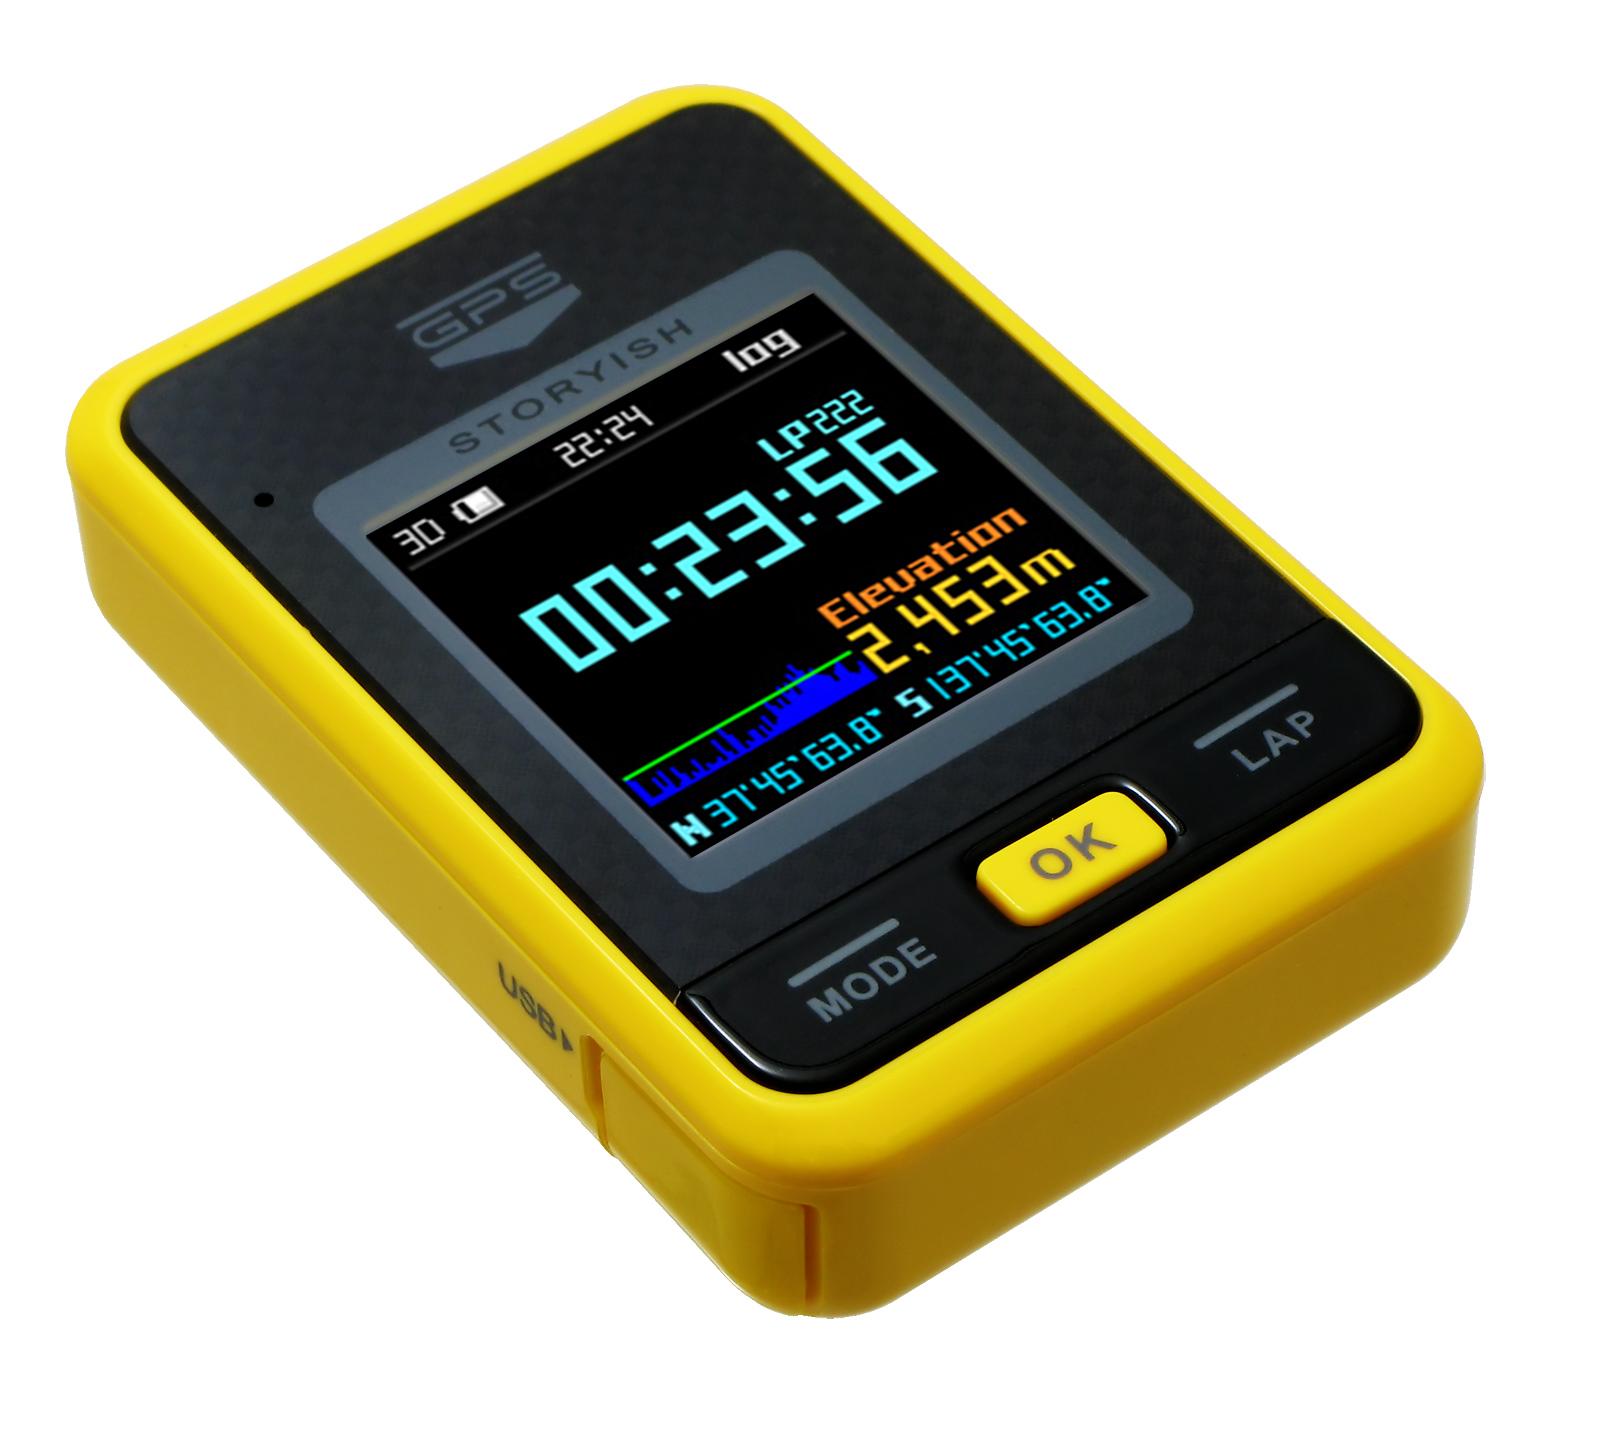 ハンファ 小型GPSユニット「Pocket GPS S1」発売